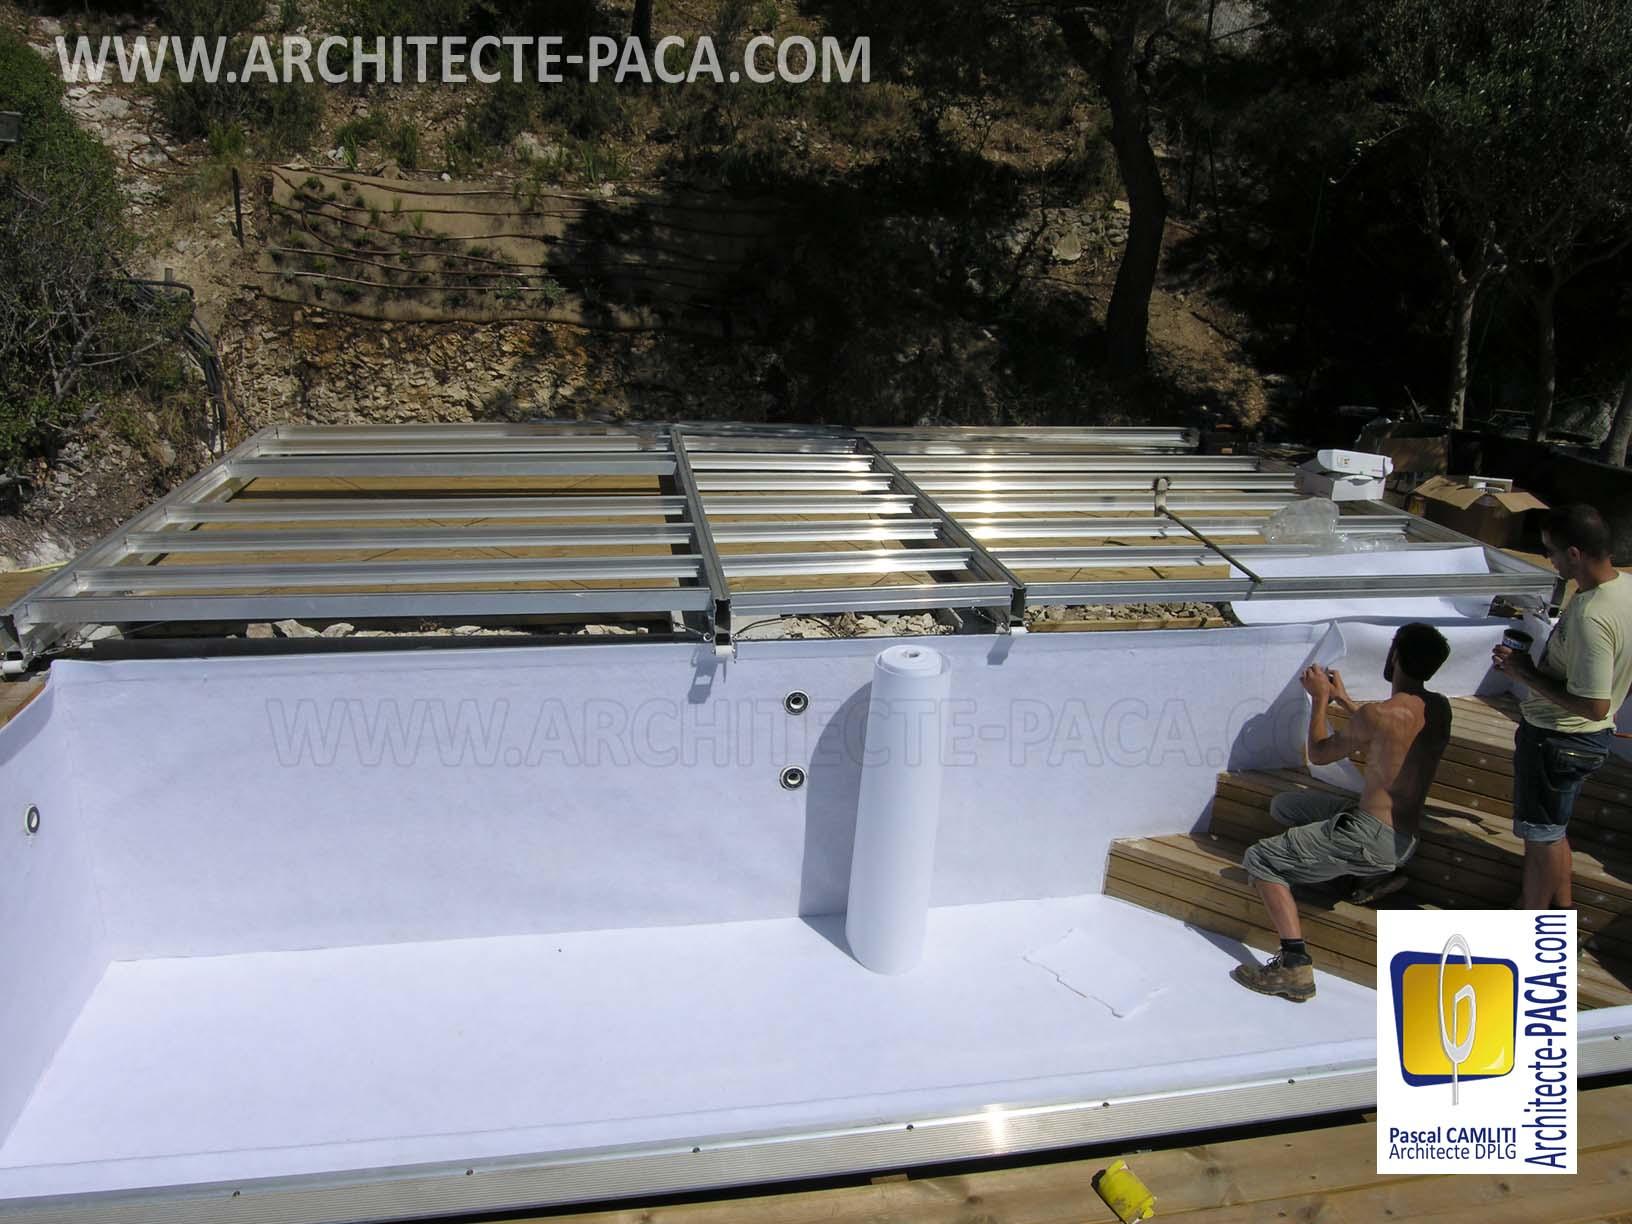 Couvrir et sécuriser sa piscine facilement | Architecte-Paca.com